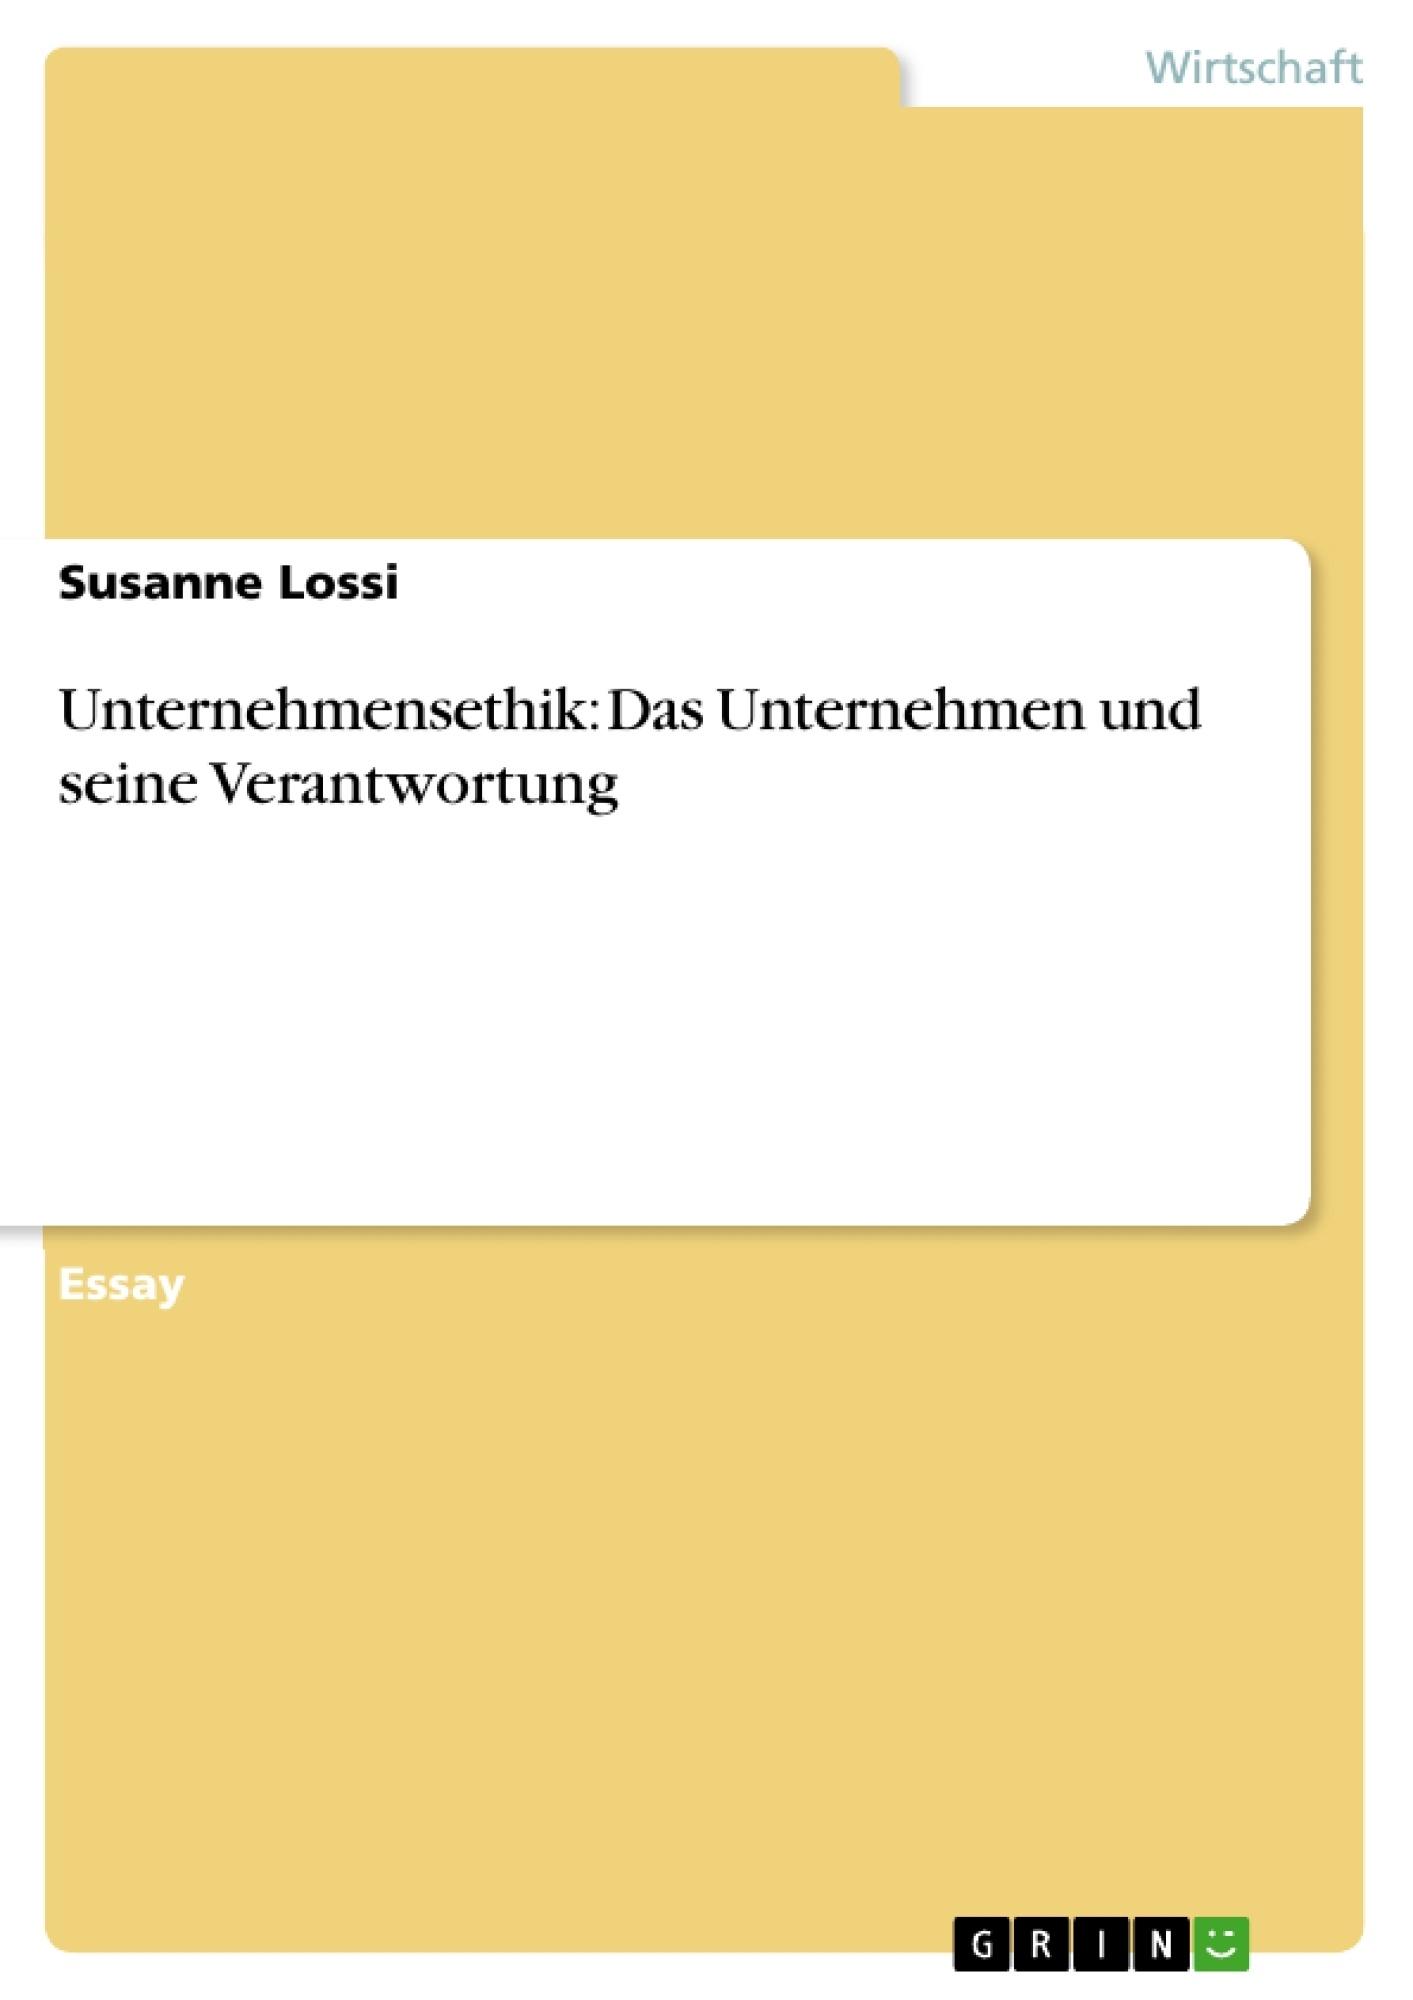 Titel: Unternehmensethik: Das Unternehmen und seine Verantwortung